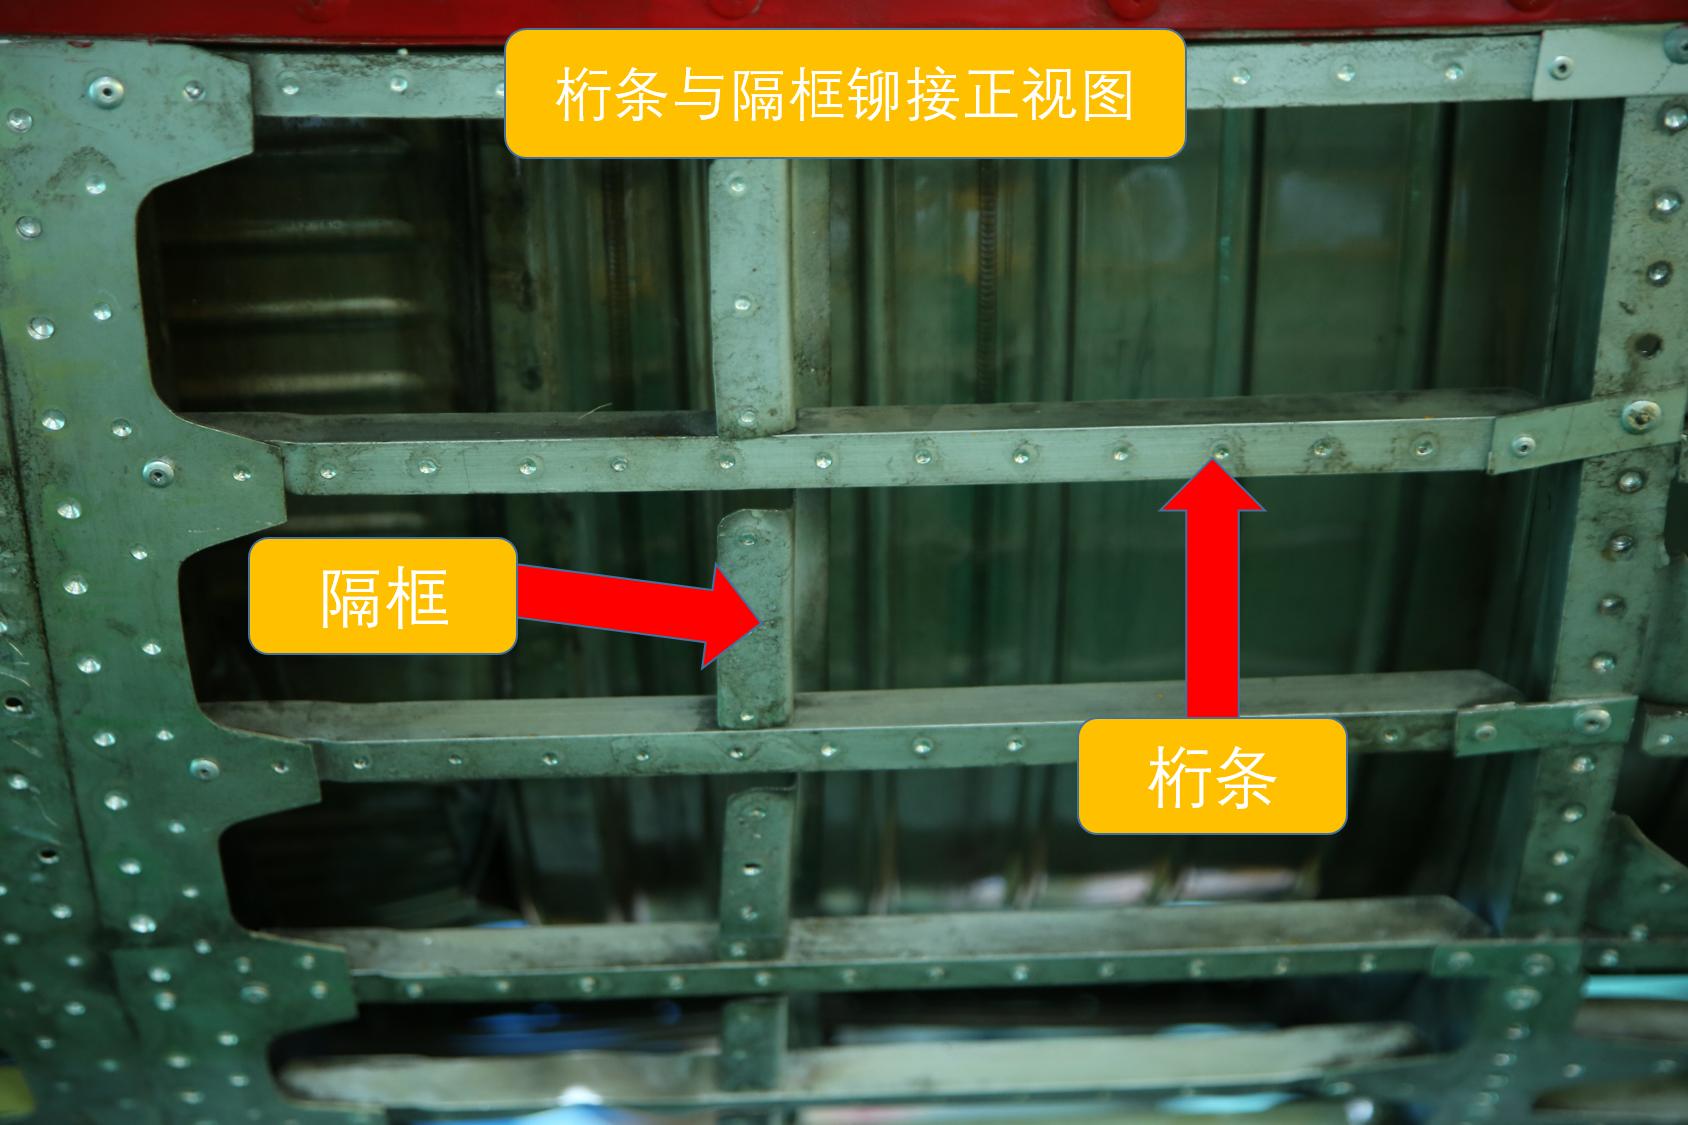 hang_tiao_yu_ge_kuang_liu_jie_zheng_shi_tu_cshk0104a04p0112.png